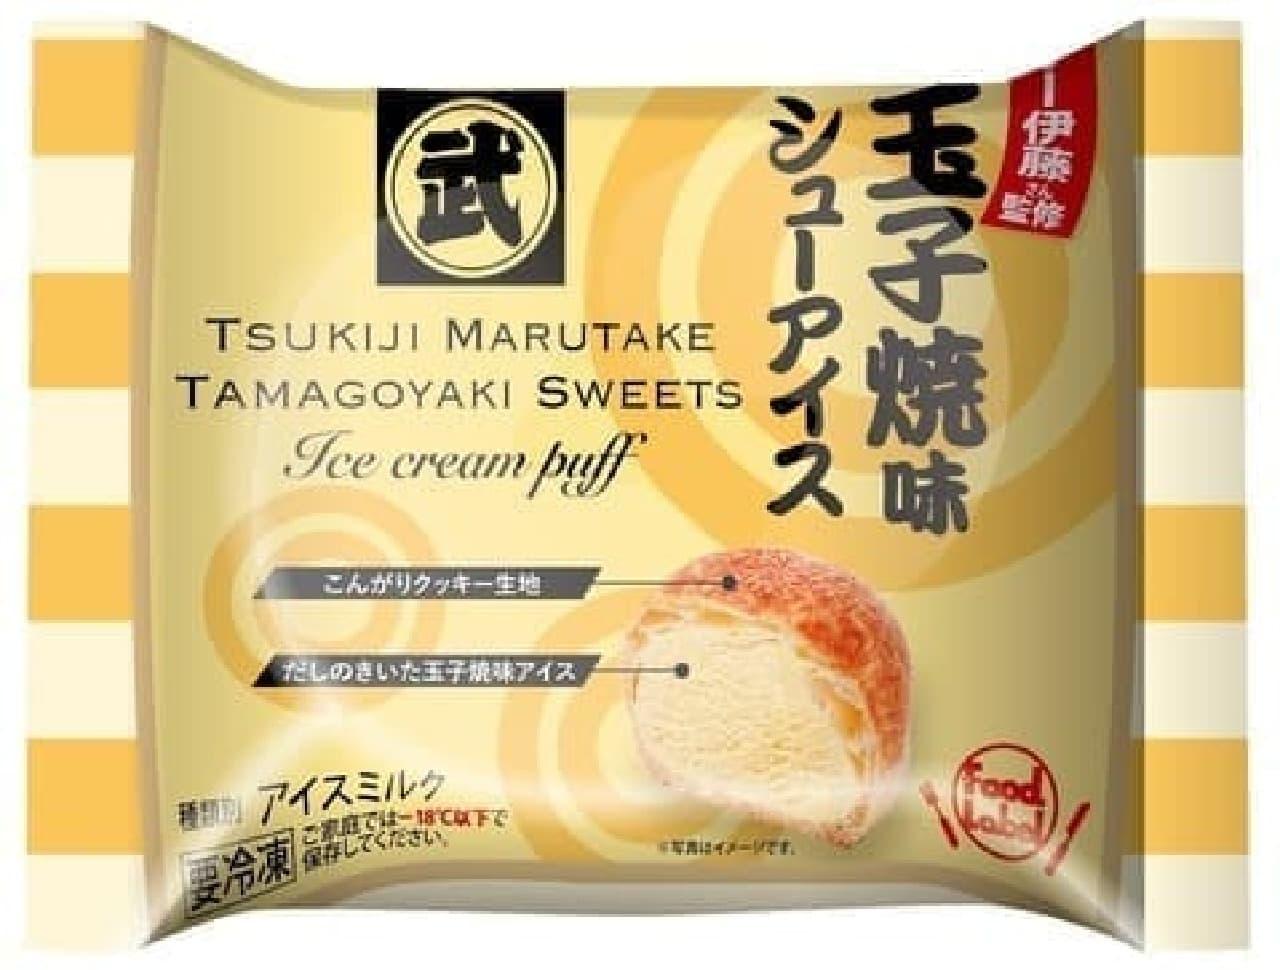 つきじ丸武玉子焼スイーツ 玉子焼味シューアイス